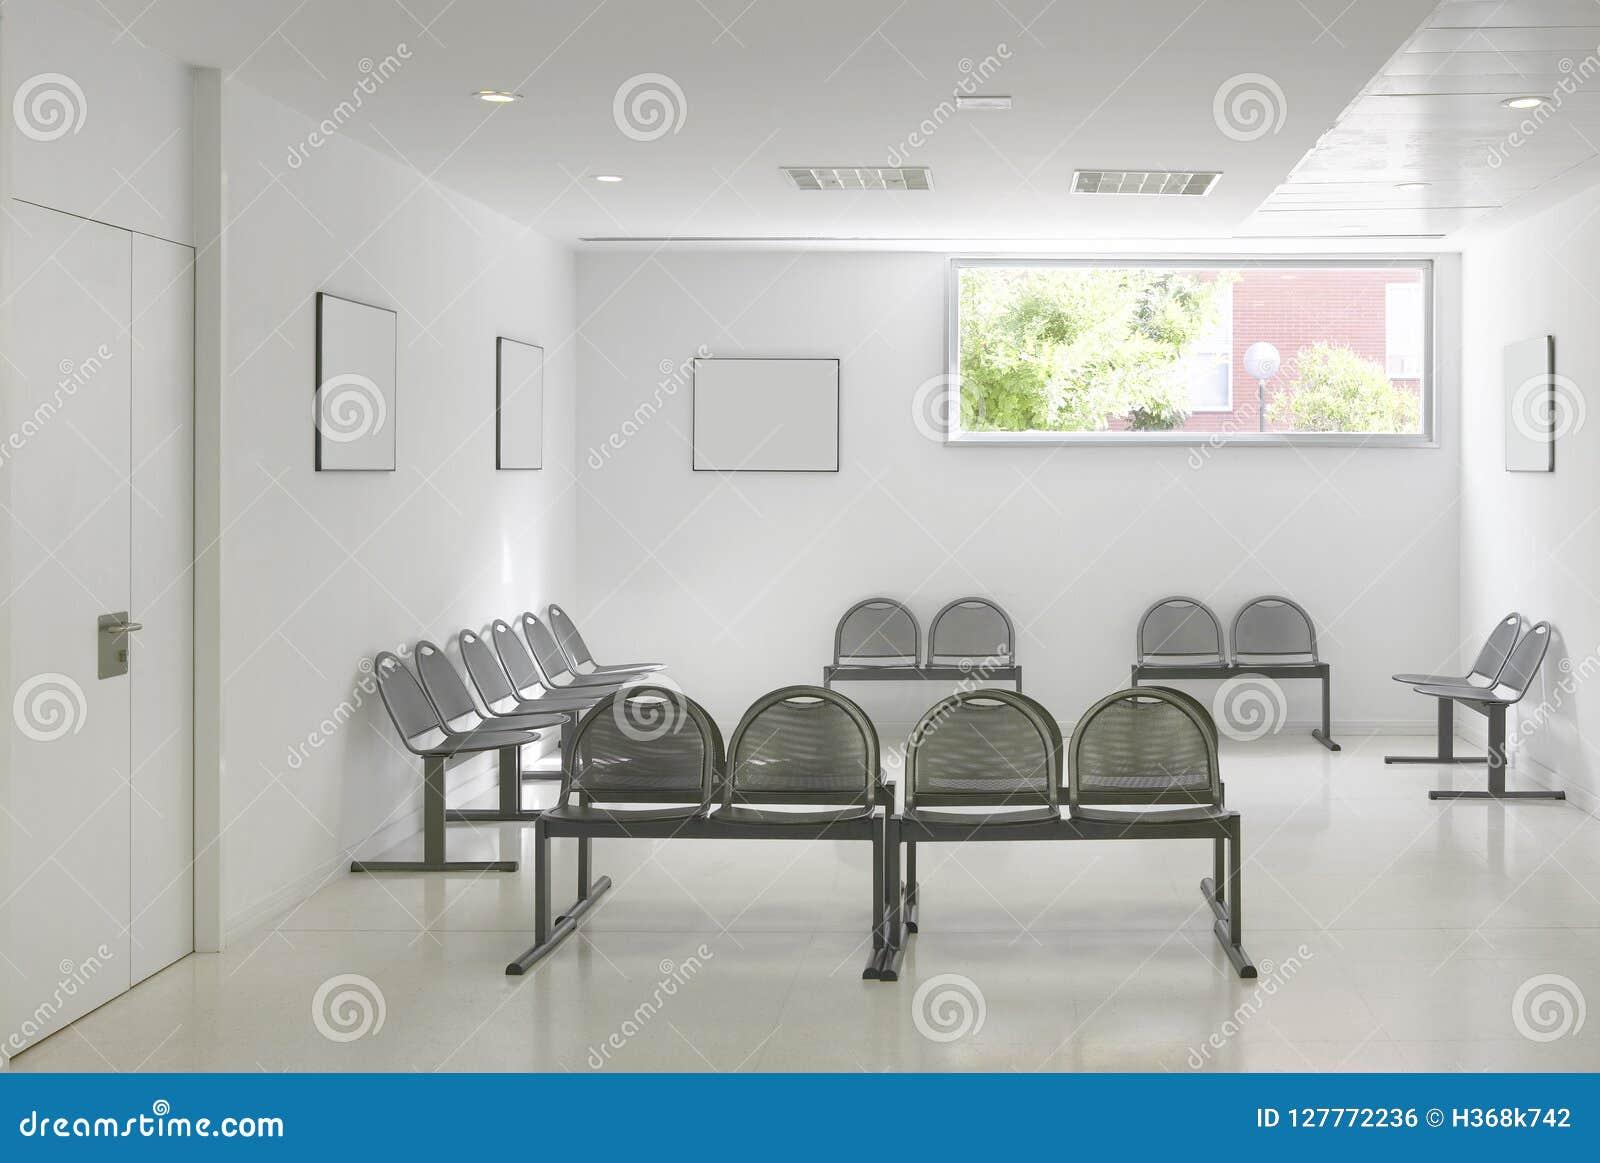 Rifugio dell edificio pubblico Dettaglio interno dell ospedale nessuno